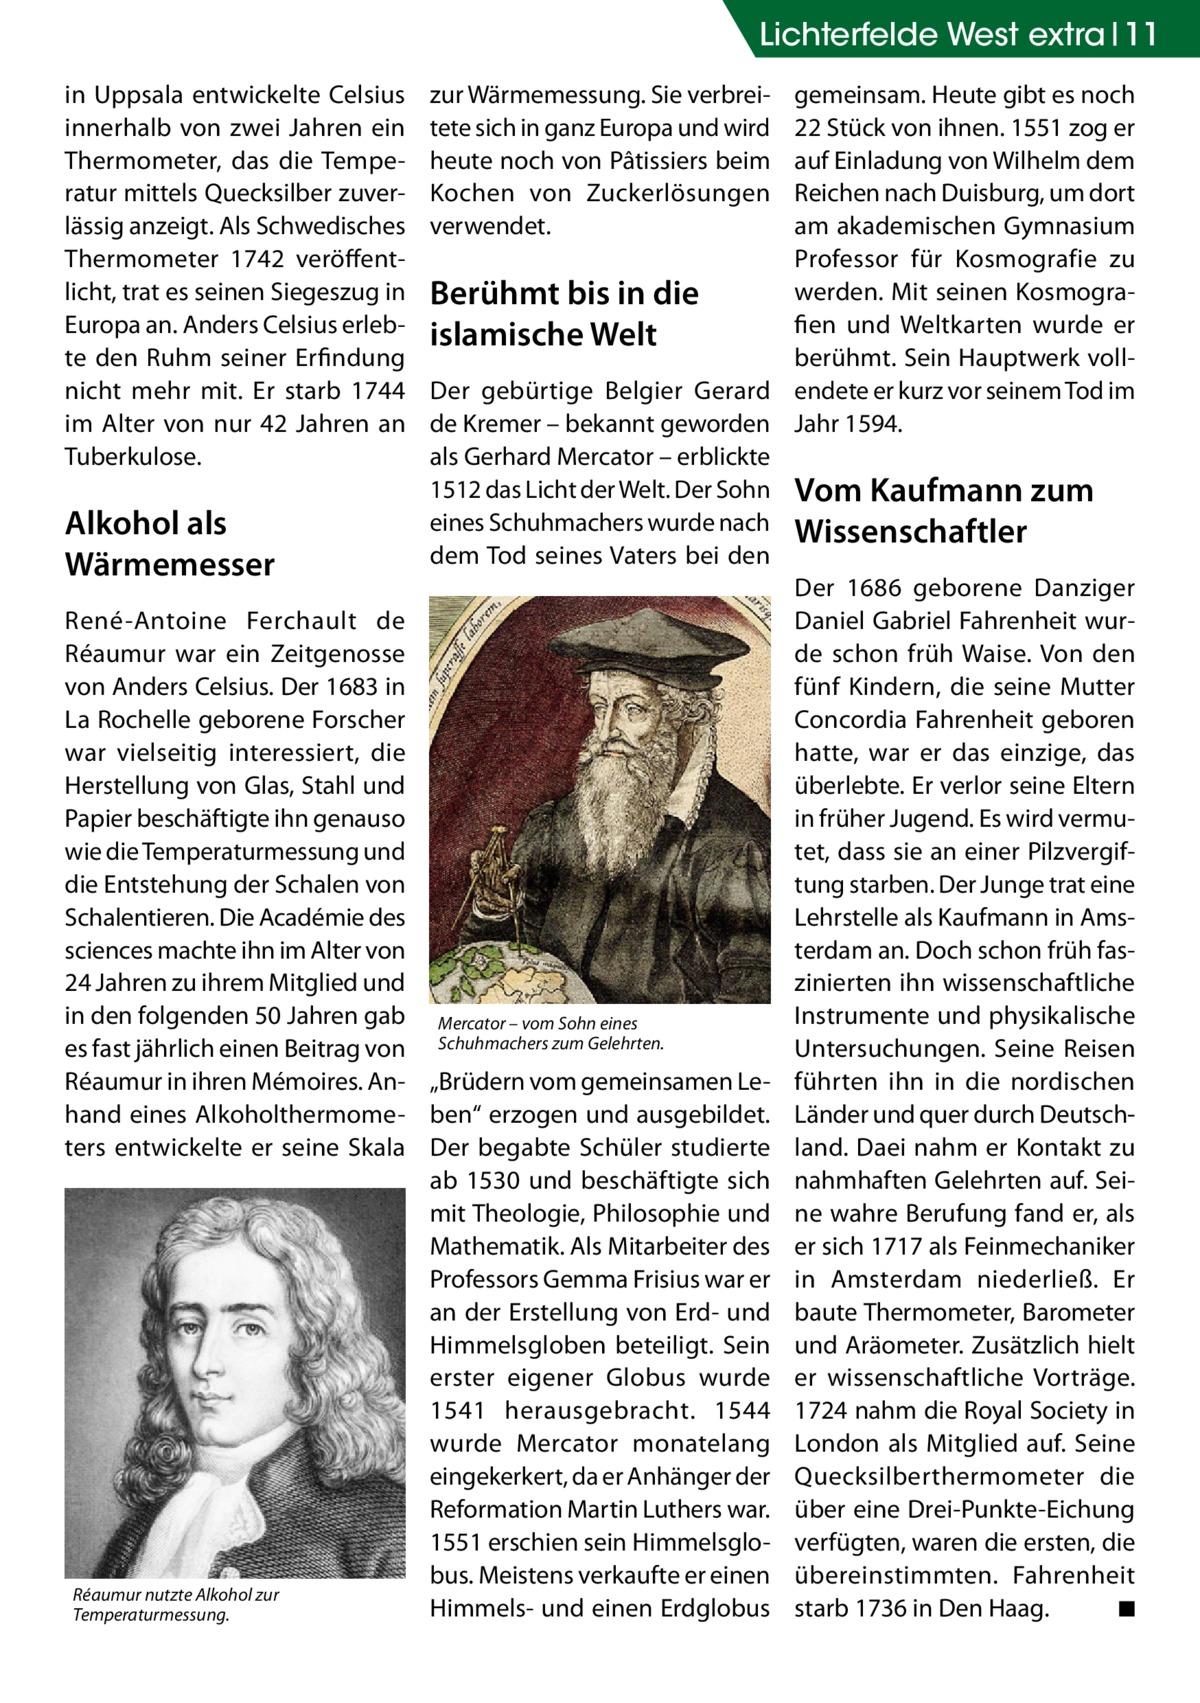 Lichterfelde West extra 11 in Uppsala entwickelte Celsius innerhalb von zwei Jahren ein Thermometer, das die Temperatur mittels Quecksilber zuverlässig anzeigt. Als Schwedisches Thermometer 1742 veröffentlicht, trat es seinen Siegeszug in Europa an. Anders Celsius erlebte den Ruhm seiner Erfindung nicht mehr mit. Er starb 1744 im Alter von nur 42 Jahren an Tuberkulose.  Alkohol als Wärmemesser René-Antoine Ferchault de Réaumur war ein Zeitgenosse von Anders Celsius. Der 1683 in La Rochelle geborene Forscher war vielseitig interessiert, die Herstellung von Glas, Stahl und Papier beschäftigte ihn genauso wie die Temperaturmessung und die Entstehung der Schalen von Schalentieren. Die Académie des sciences machte ihn im Alter von 24Jahren zu ihrem Mitglied und in den folgenden 50Jahren gab es fast jährlich einen Beitrag von Réaumur in ihren Mémoires. Anhand eines Alkoholthermometers entwickelte er seine Skala  Réaumur nutzte Alkohol zur Temperaturmessung.  zur Wärmemessung. Sie verbreitete sich in ganz Europa und wird heute noch von Pâtissiers beim Kochen von Zuckerlösungen verwendet.  gemeinsam. Heute gibt es noch 22 Stück von ihnen. 1551 zog er auf Einladung von Wilhelm dem Reichen nach Duisburg, um dort am akademischen Gymnasium Professor für Kosmografie zu werden. Mit seinen KosmograBerühmt bis in die fien und Weltkarten wurde er islamische Welt berühmt. Sein Hauptwerk vollDer gebürtige Belgier Gerard endete er kurz vor seinem Tod im de Kremer – bekannt geworden Jahr 1594. als Gerhard Mercator – erblickte 1512 das Licht der Welt. Der Sohn Vom Kaufmann zum eines Schuhmachers wurde nach Wissenschaftler dem Tod seines Vaters bei den Der 1686 geborene Danziger Daniel Gabriel Fahrenheit wurde schon früh Waise. Von den fünf Kindern, die seine Mutter Concordia Fahrenheit geboren hatte, war er das einzige, das überlebte. Er verlor seine Eltern in früher Jugend. Es wird vermutet, dass sie an einer Pilzvergiftung starben. Der Junge trat eine Lehrstelle als Kaufmann in Amsterd